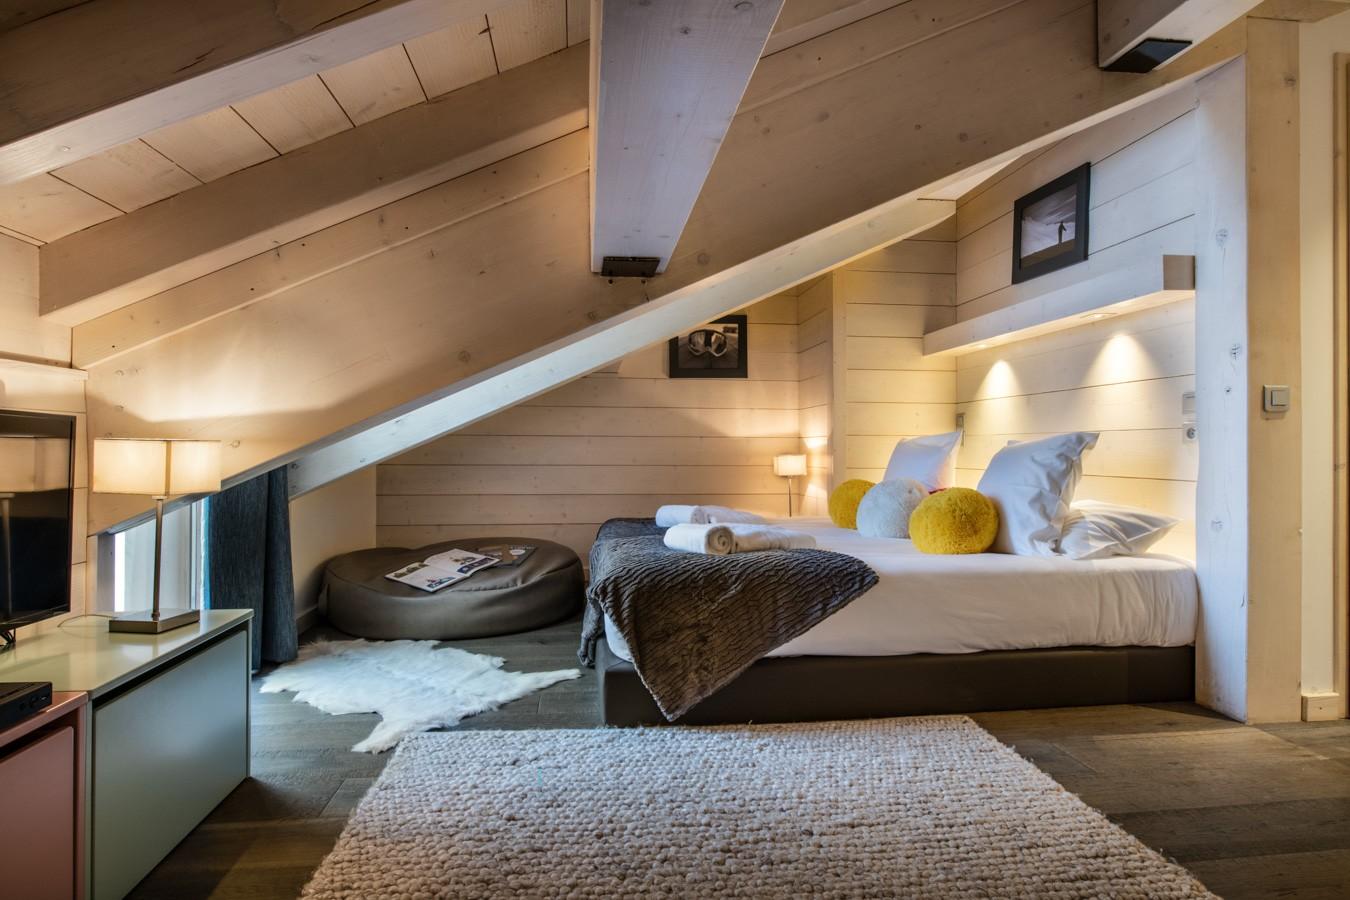 Courchevel 1650 Location Appartement Luxe Aluminite Chambre 3